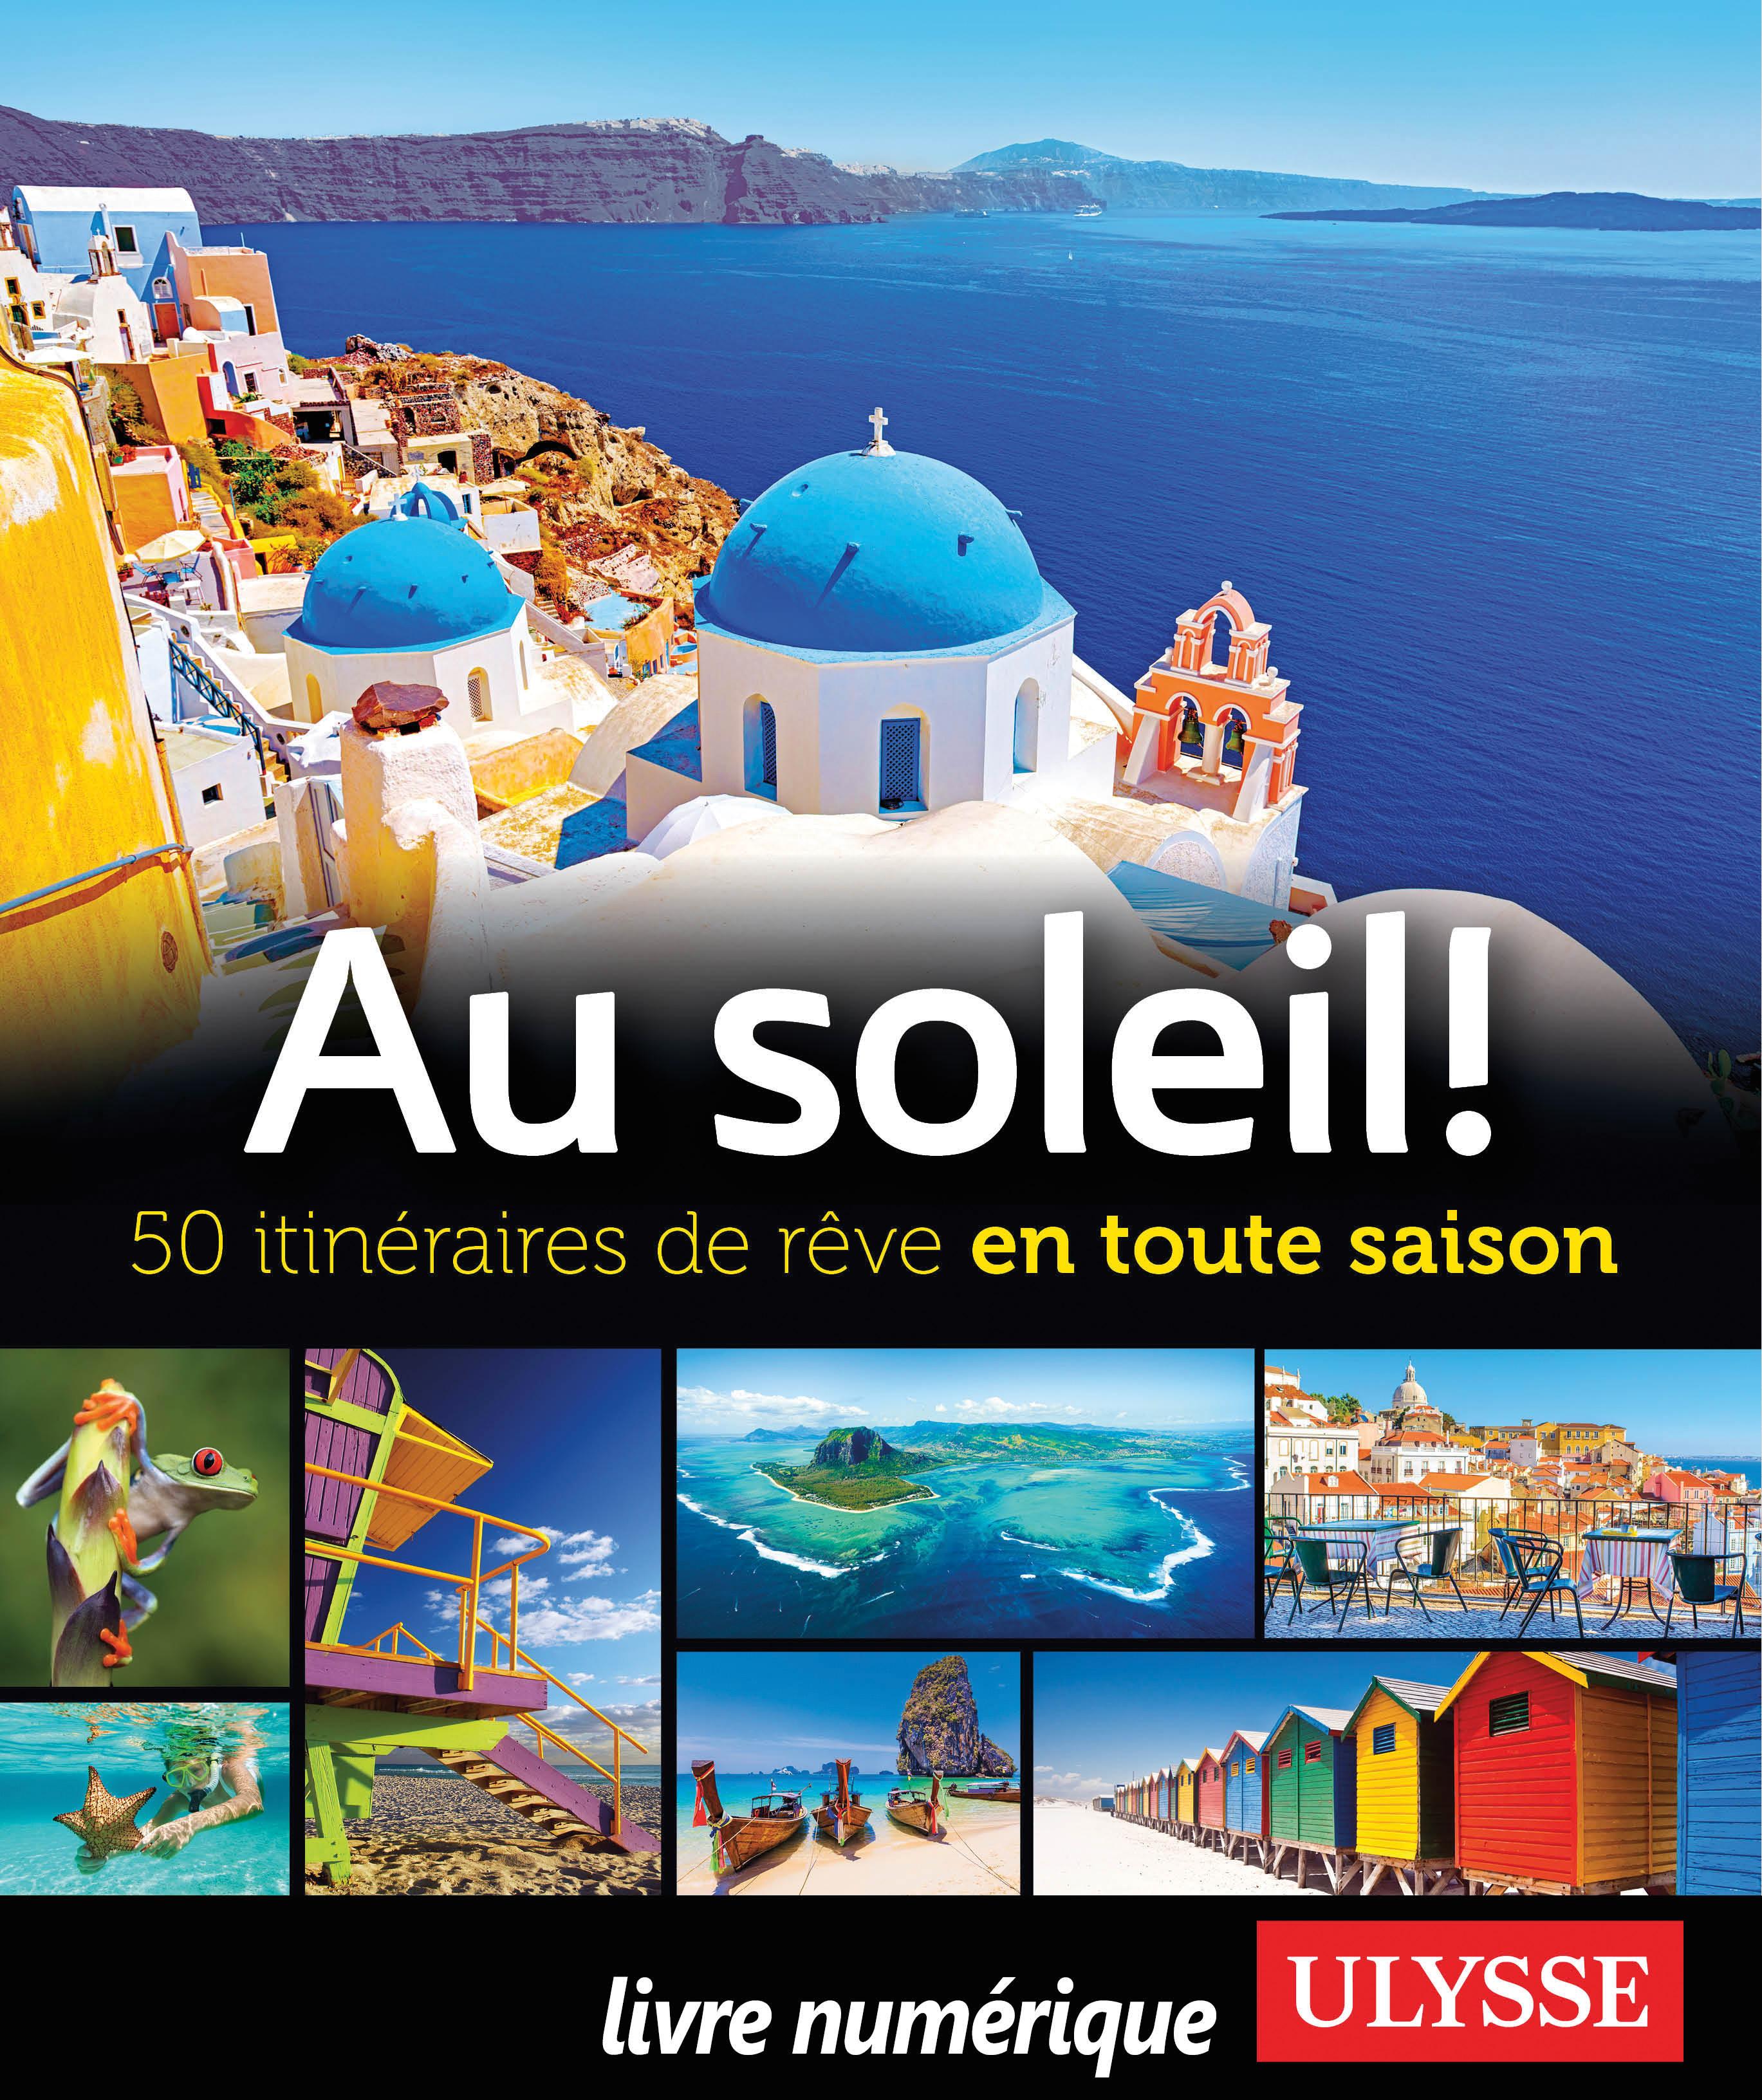 Au soleil! 50 itinéraires de rêve en toute saison